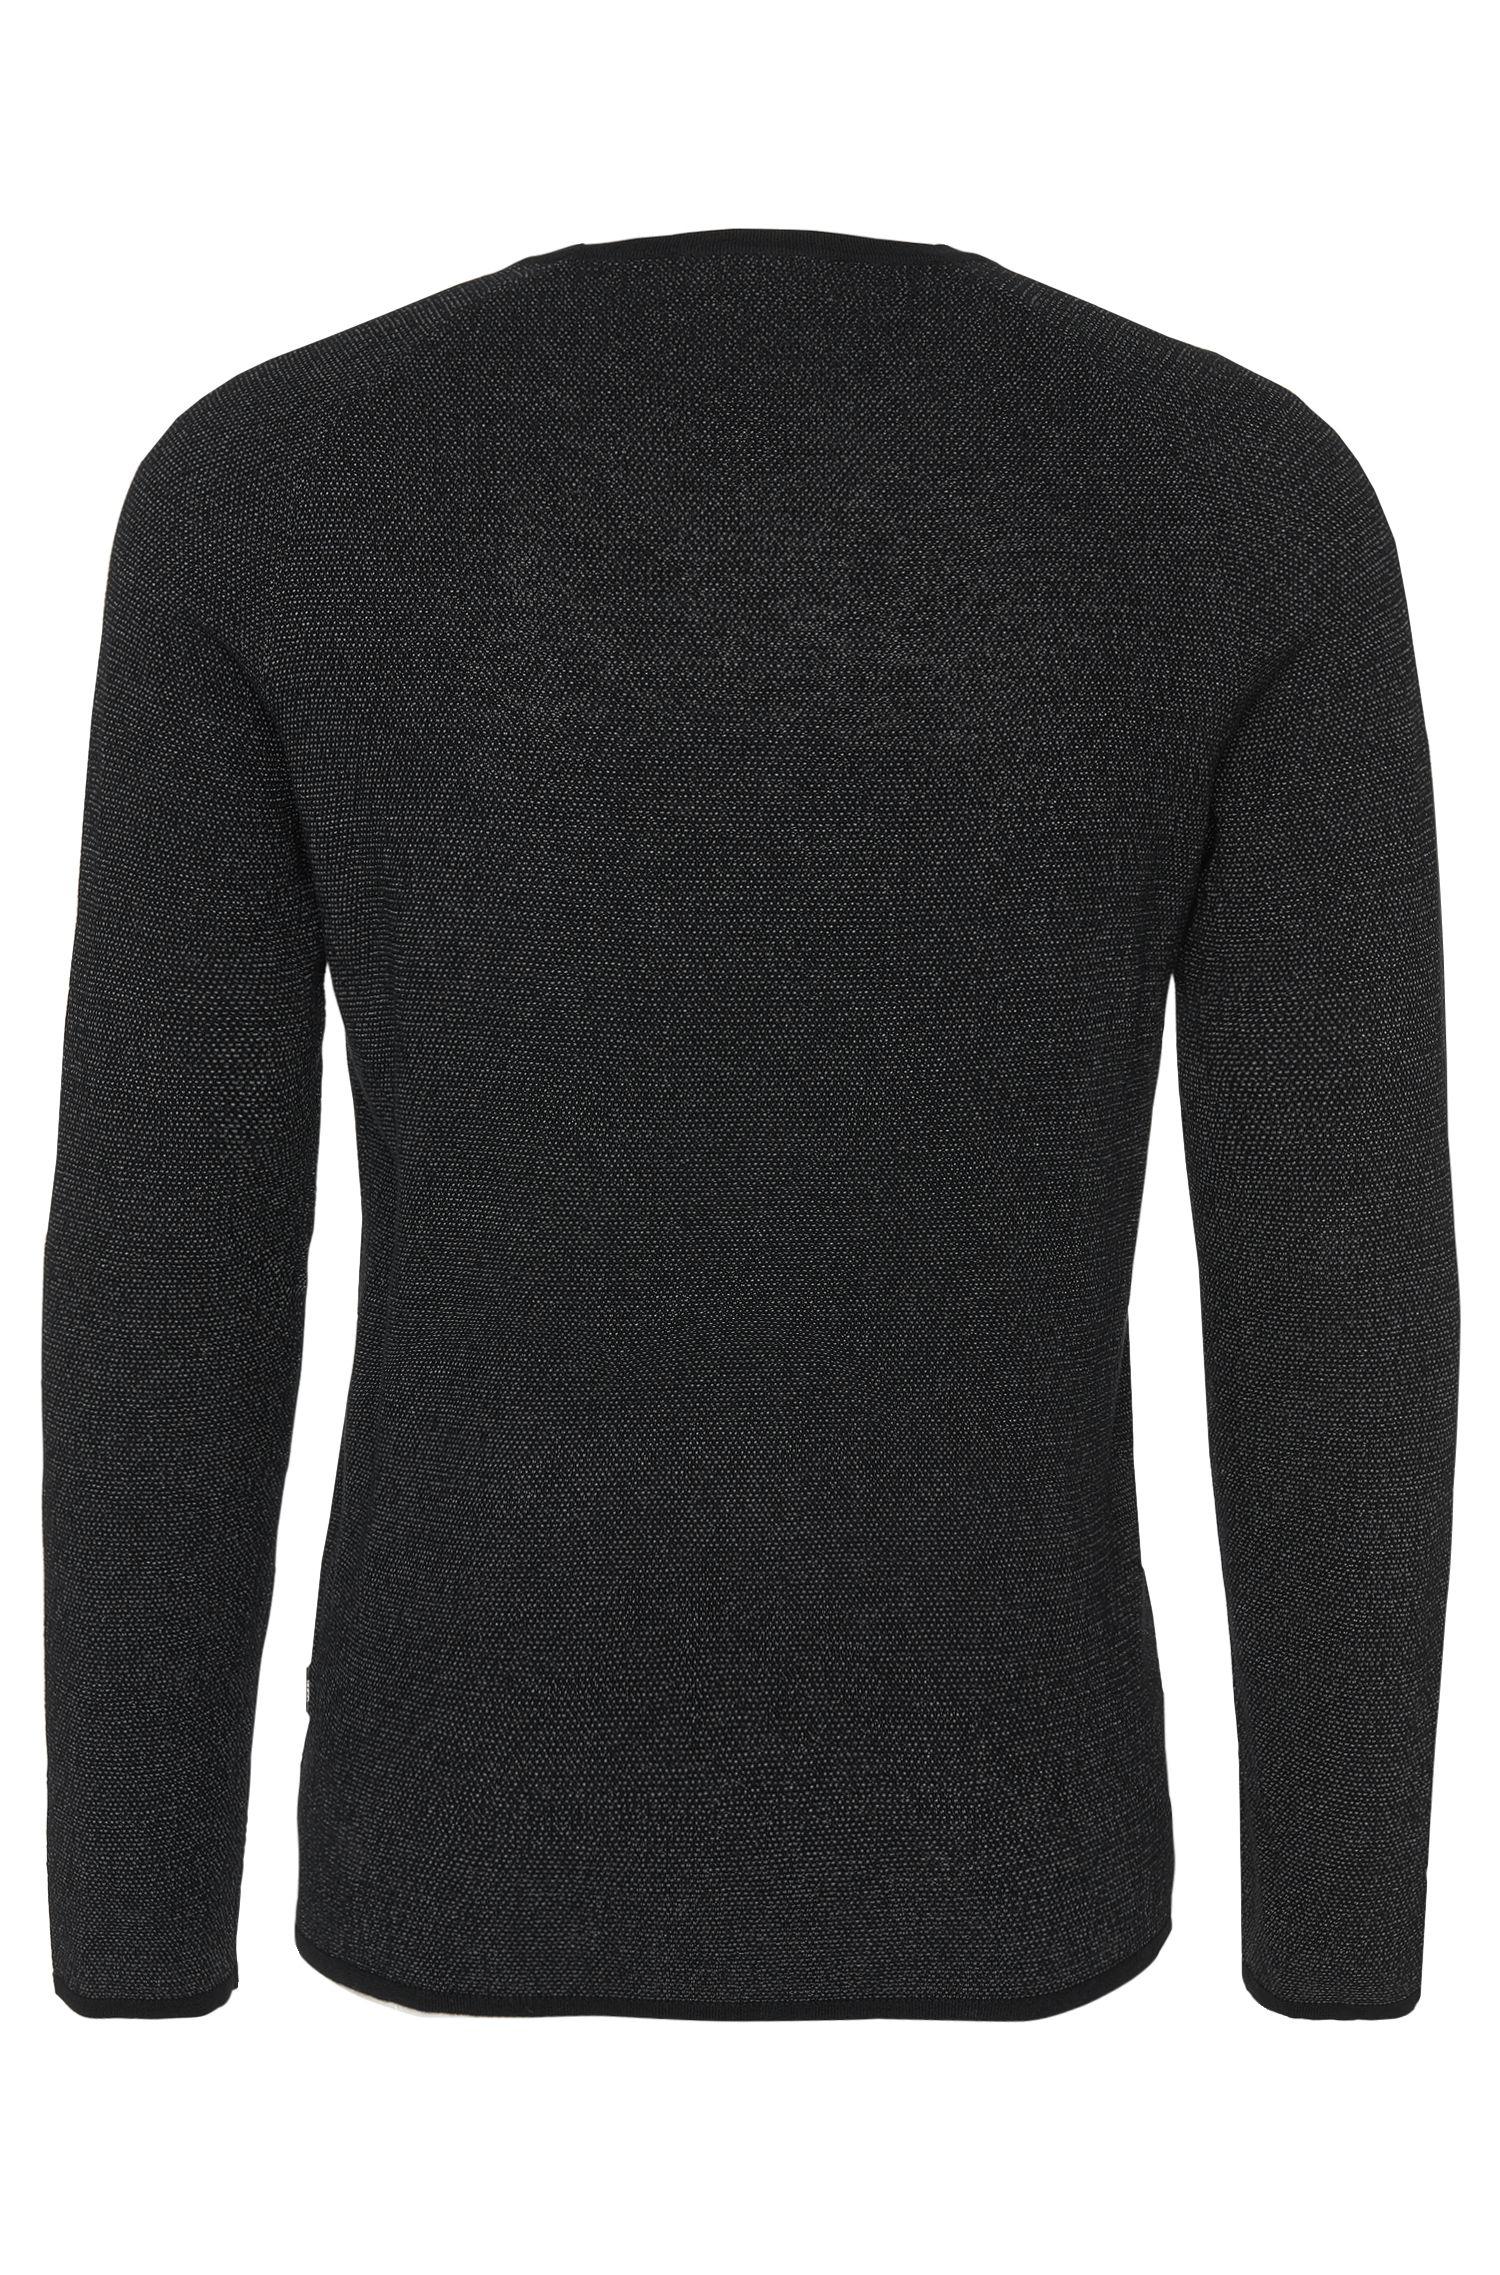 Zweifarbiger Loose Fit Pullover aus Baumwoll-Mix mit Wolle: 'Slack'